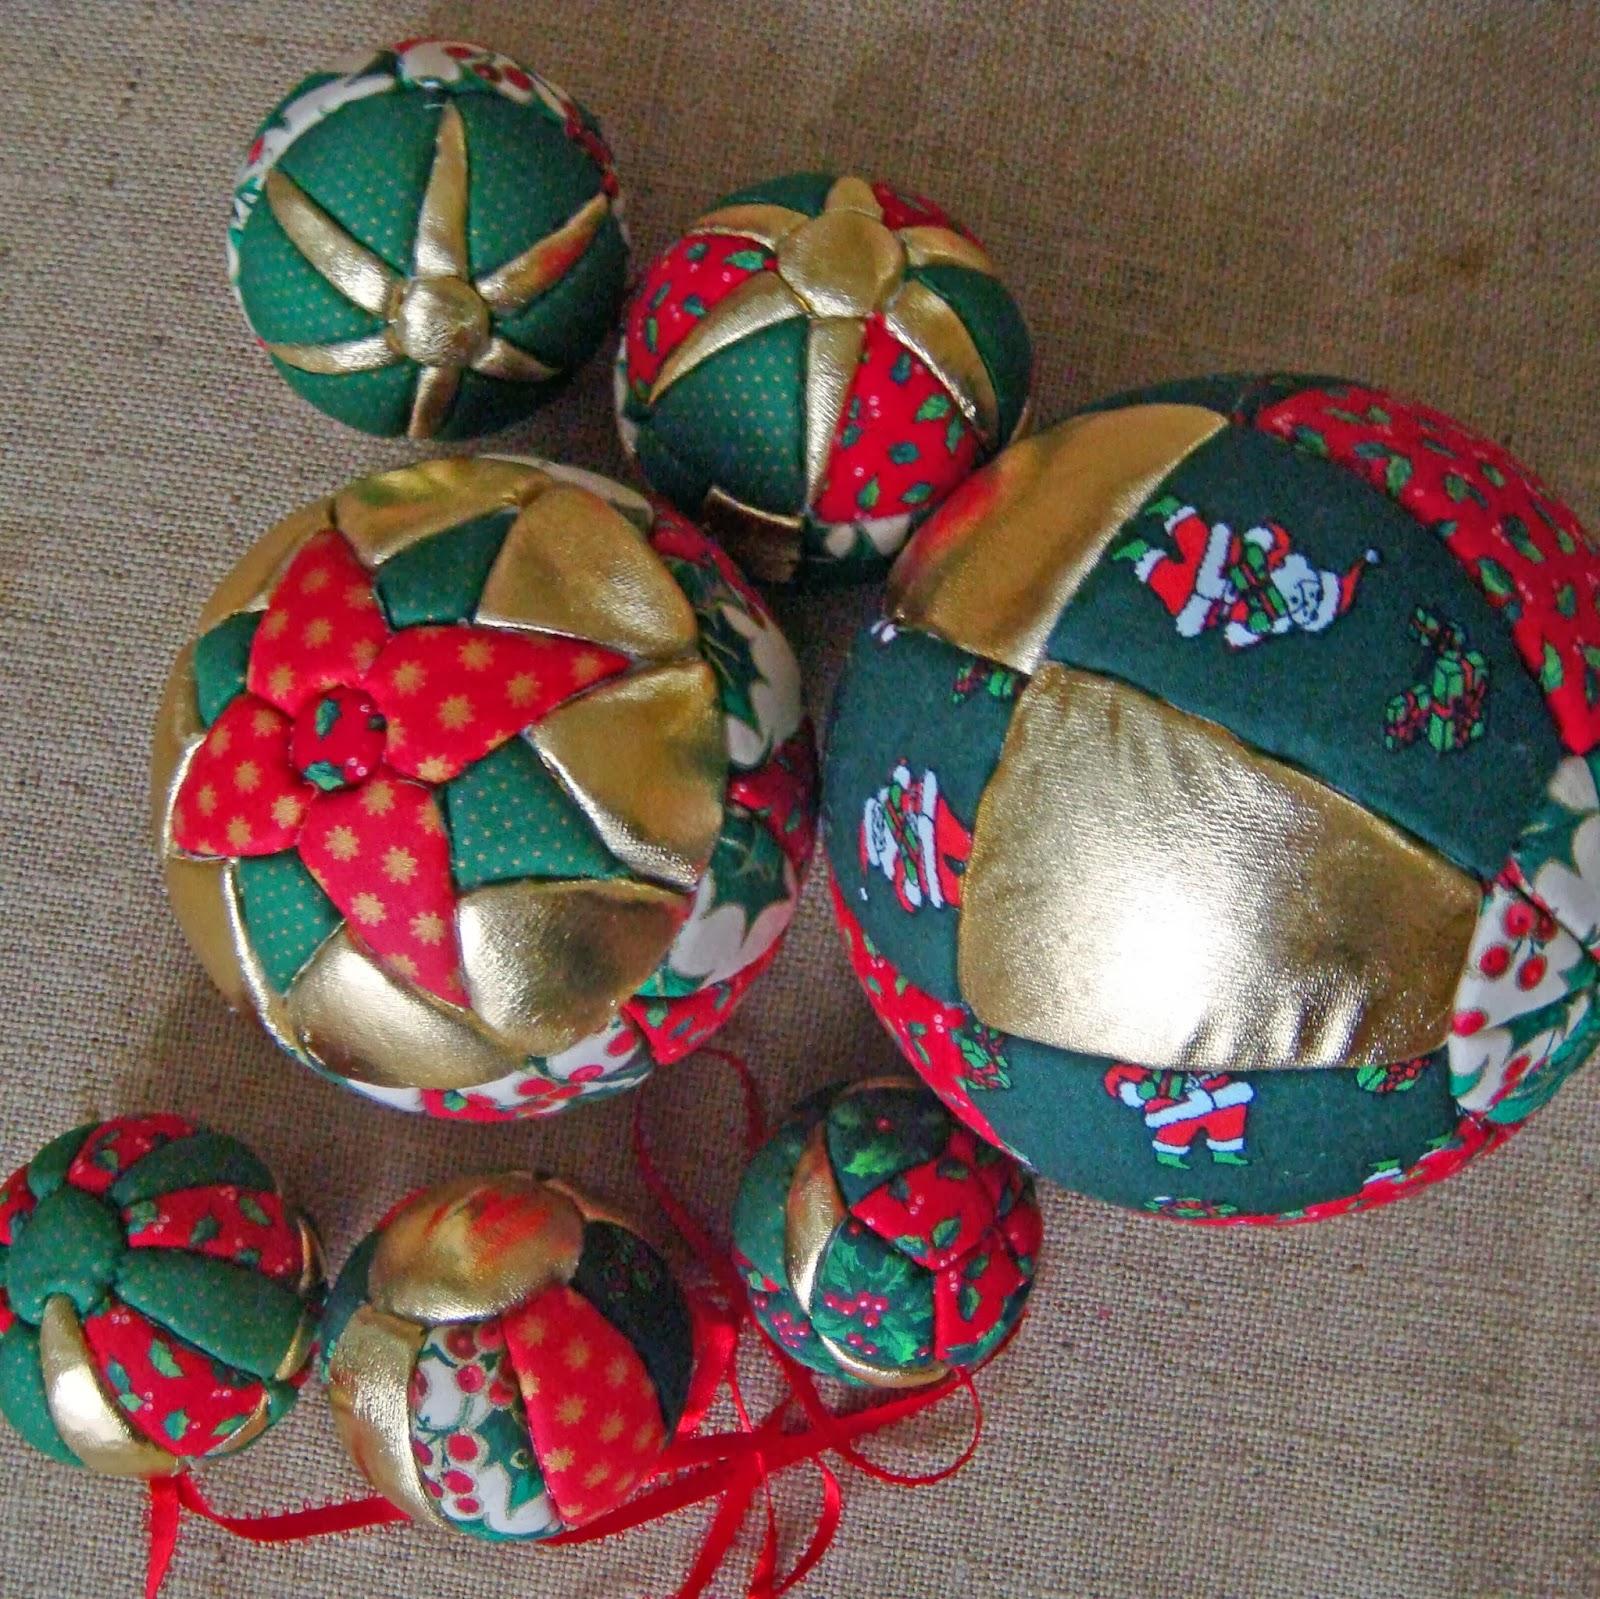 Новогодние шары ручной работы своими руками